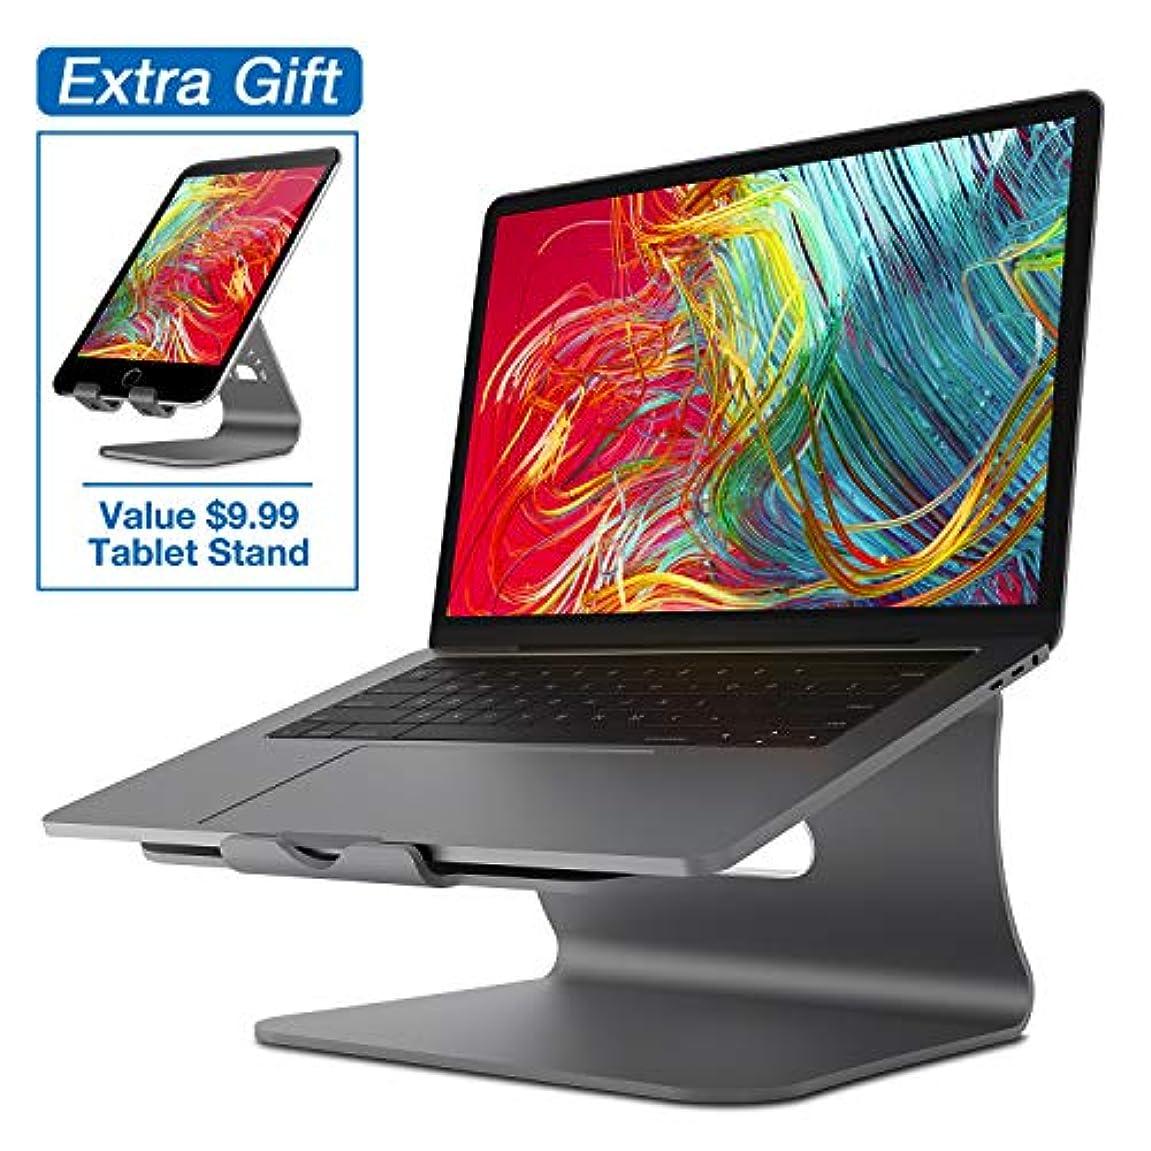 主観的やけど球状Bestand ノート PC スタンドパソコンスタンド,Macbook Air/Pro 11-16''のノートパソコン,グレー -Spinido